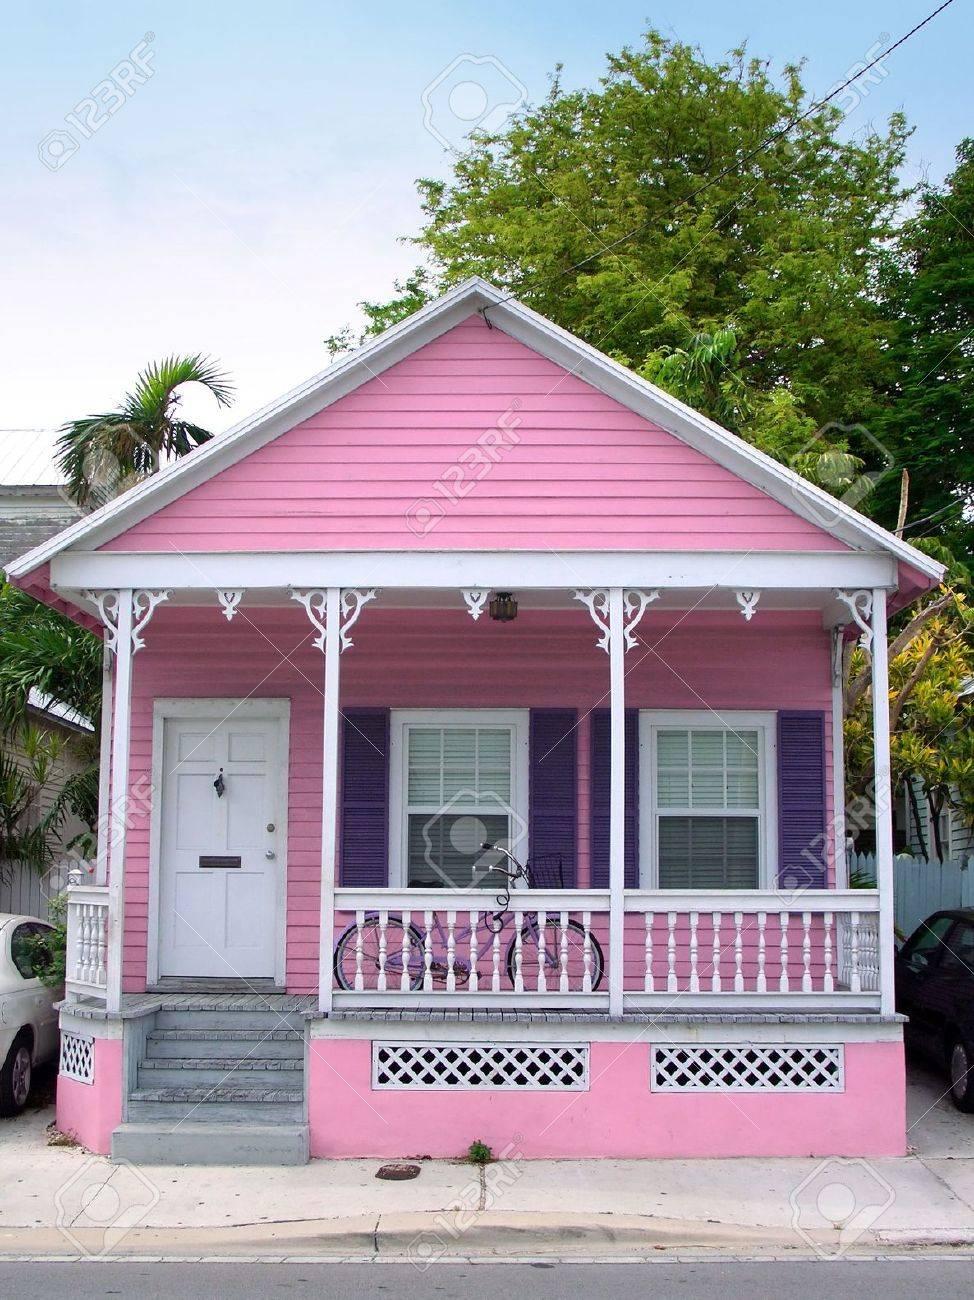 Pequeña Casa De Madera De Color Rosa En Key West, Florida Fotos ...